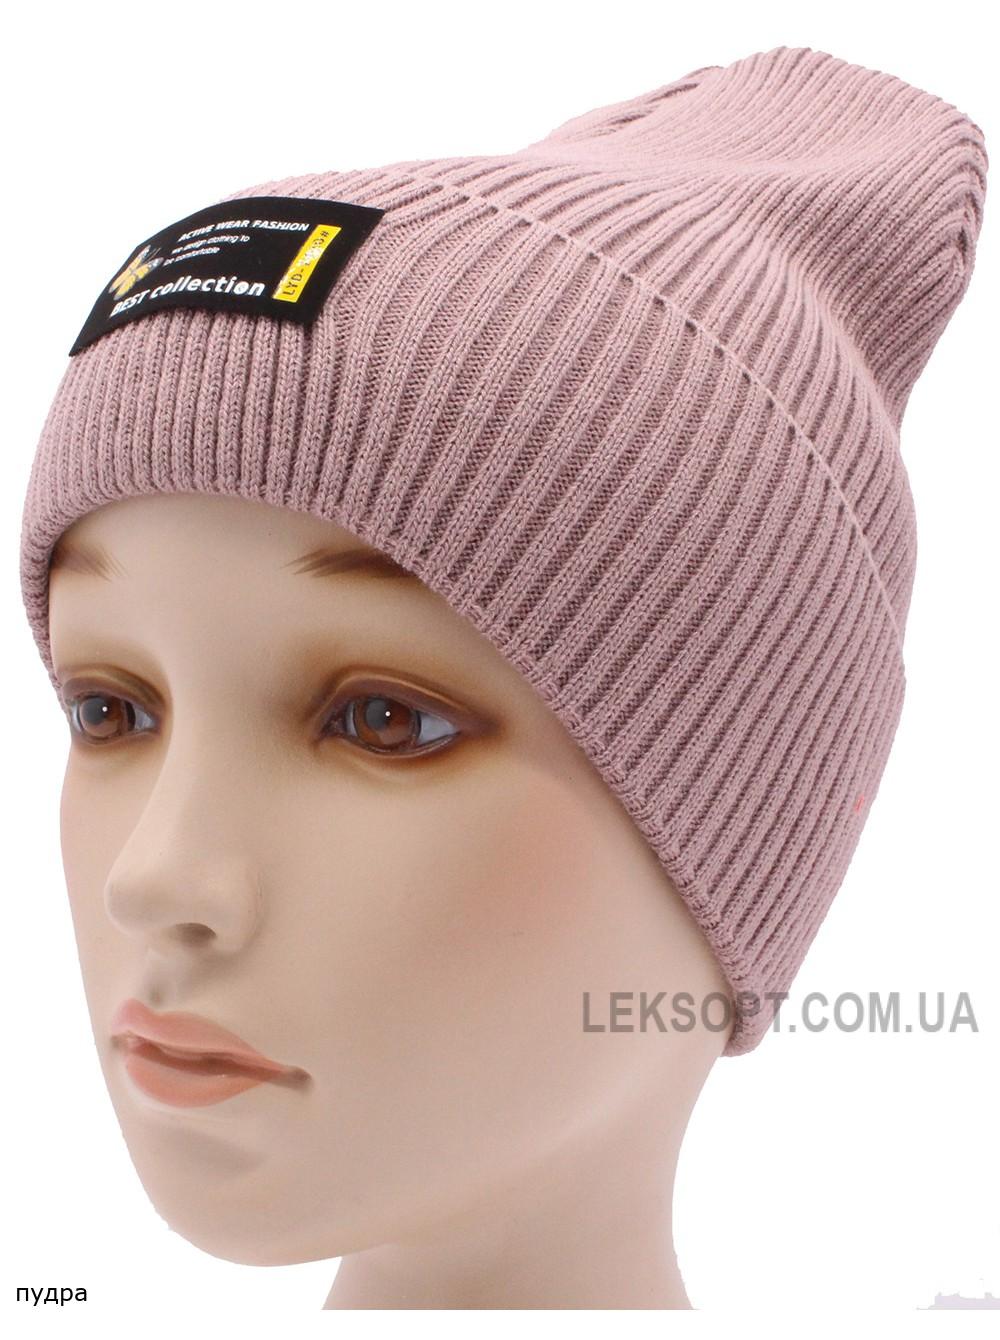 Детская вязаная шапка №053185-54-56